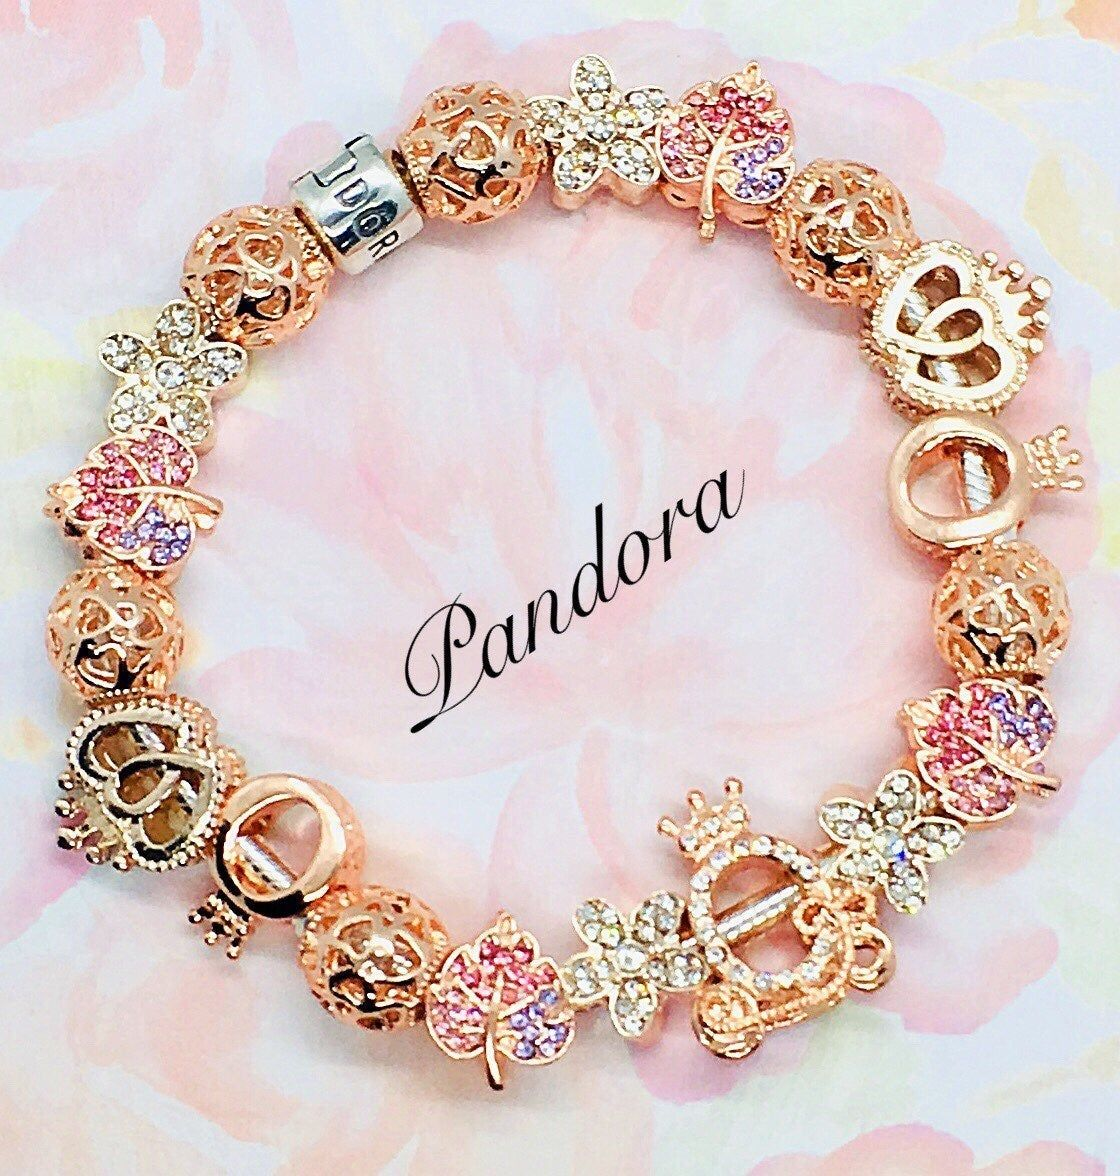 Authentic Pandora Sterling Sliver Bracelet Stamped S925 Ale Inside The Clasp Designed Rose Gold F Pandora Jewelry Pandora Jewelry Bracelets Pandora Bracelets